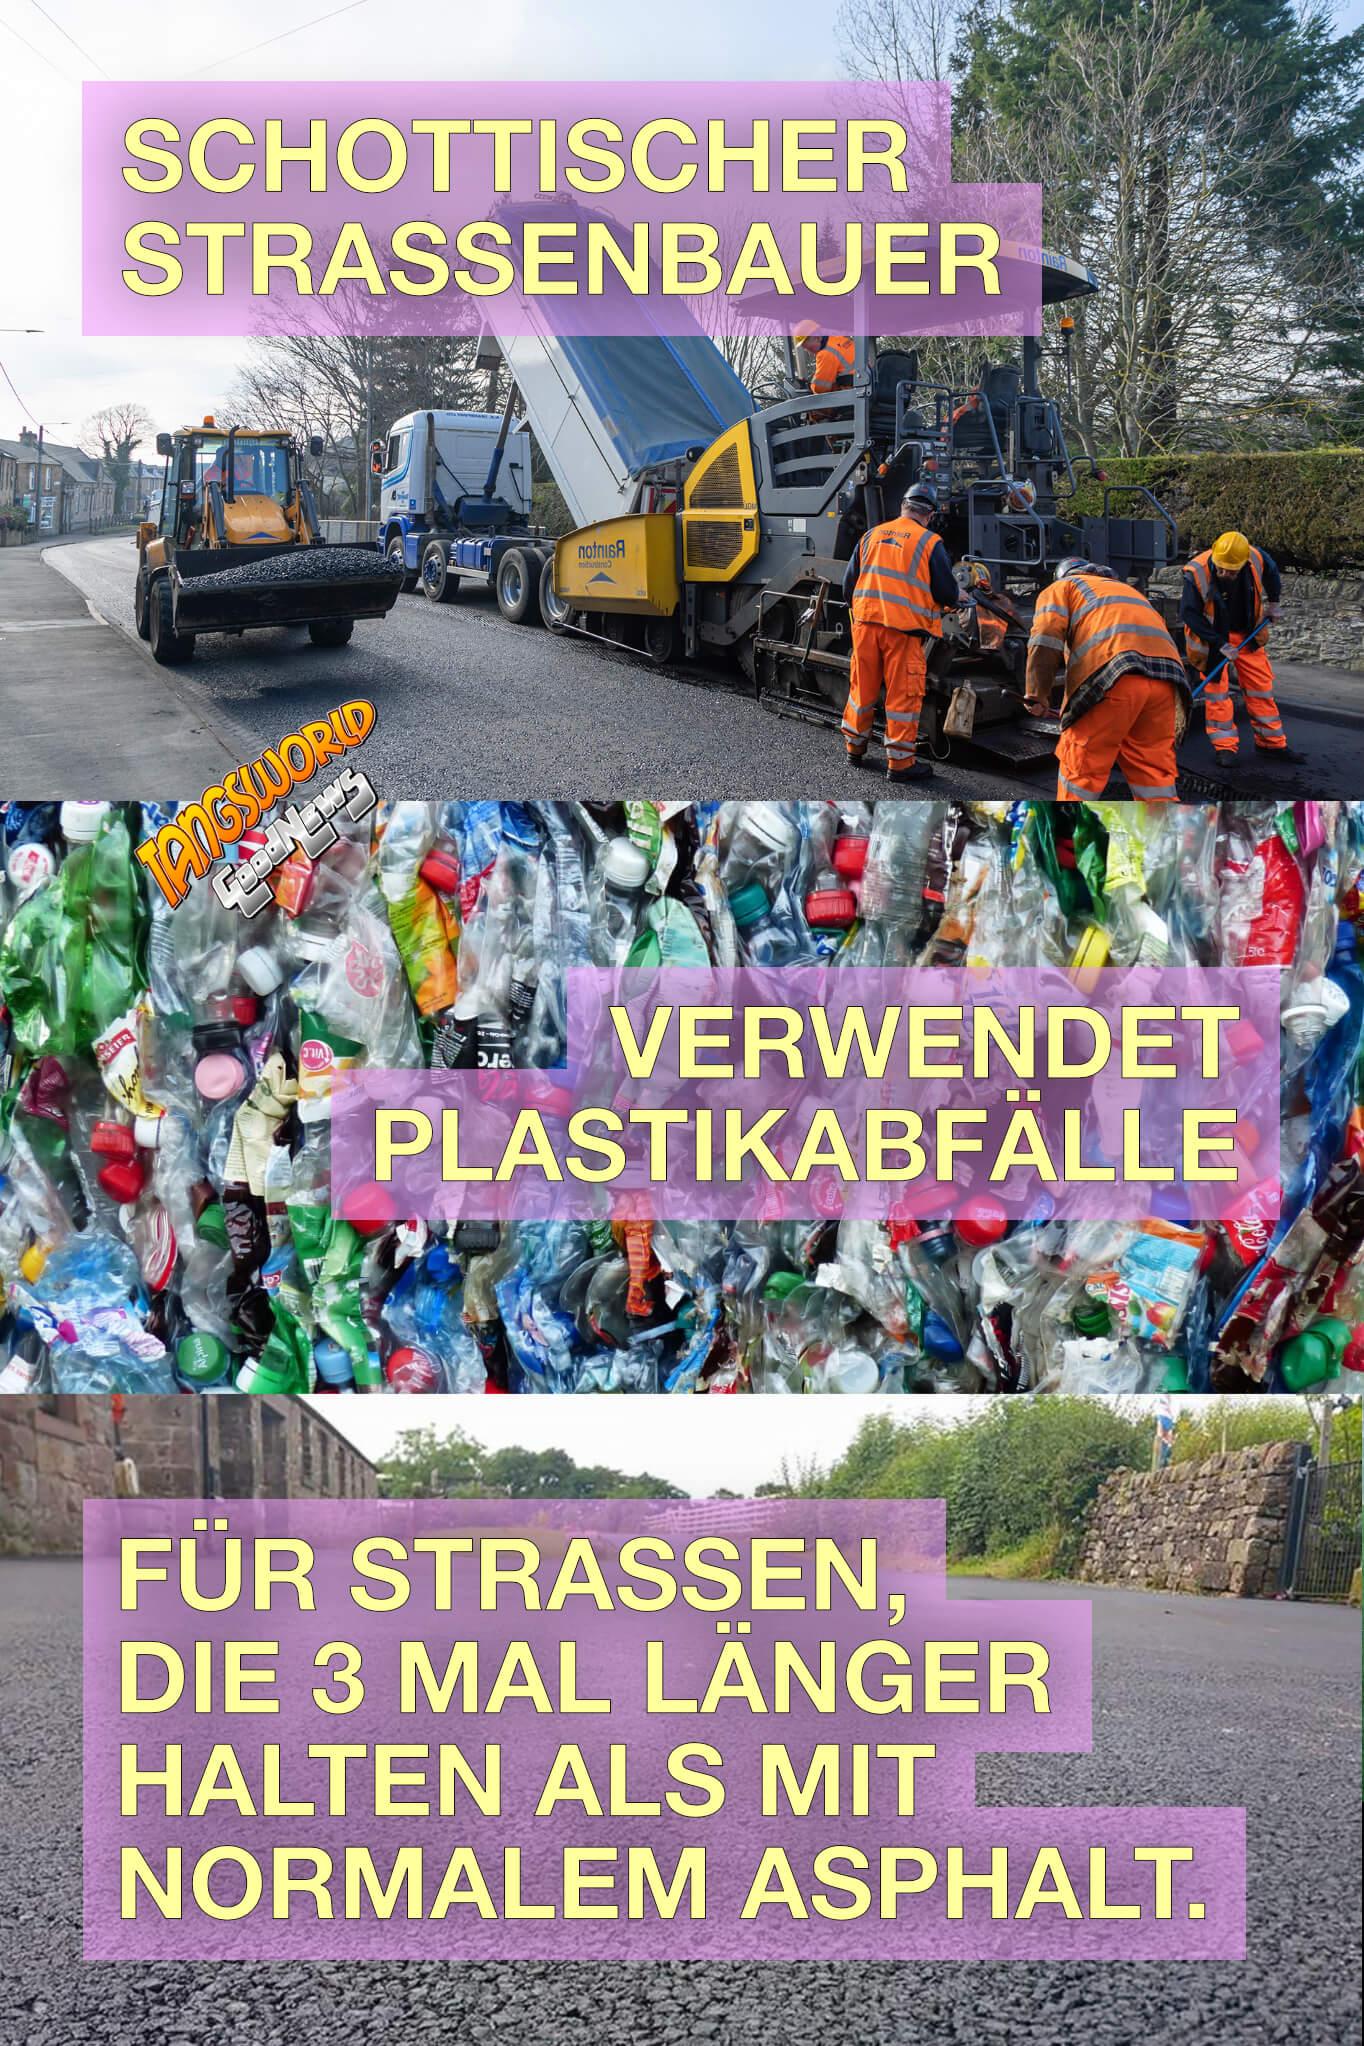 Straßenbelag aus Plastikabfällen. Eine praktikable Lösung zur sinnvollen Verwendung der weltweiten Plastikabfälle. Schottischer Straßenbauer verwendet Plastikabfälle für Straßen, die 3 mal länger halten als mit normalem Asphalt. - GoodNews